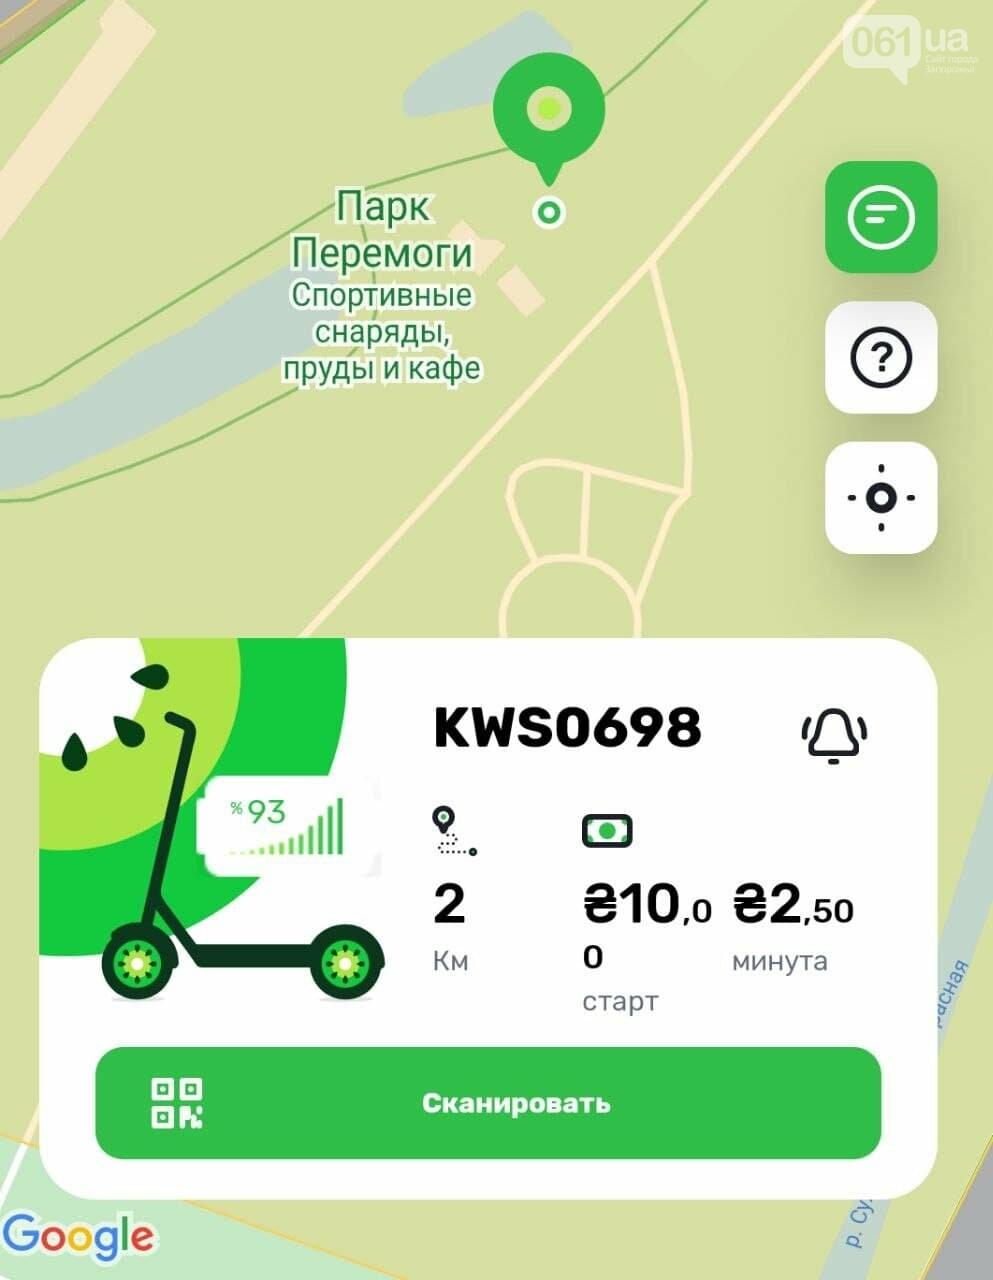 В Запорожье заработал сервис проката электросамокатов: сколько стоит и где можно покататься, фото-2